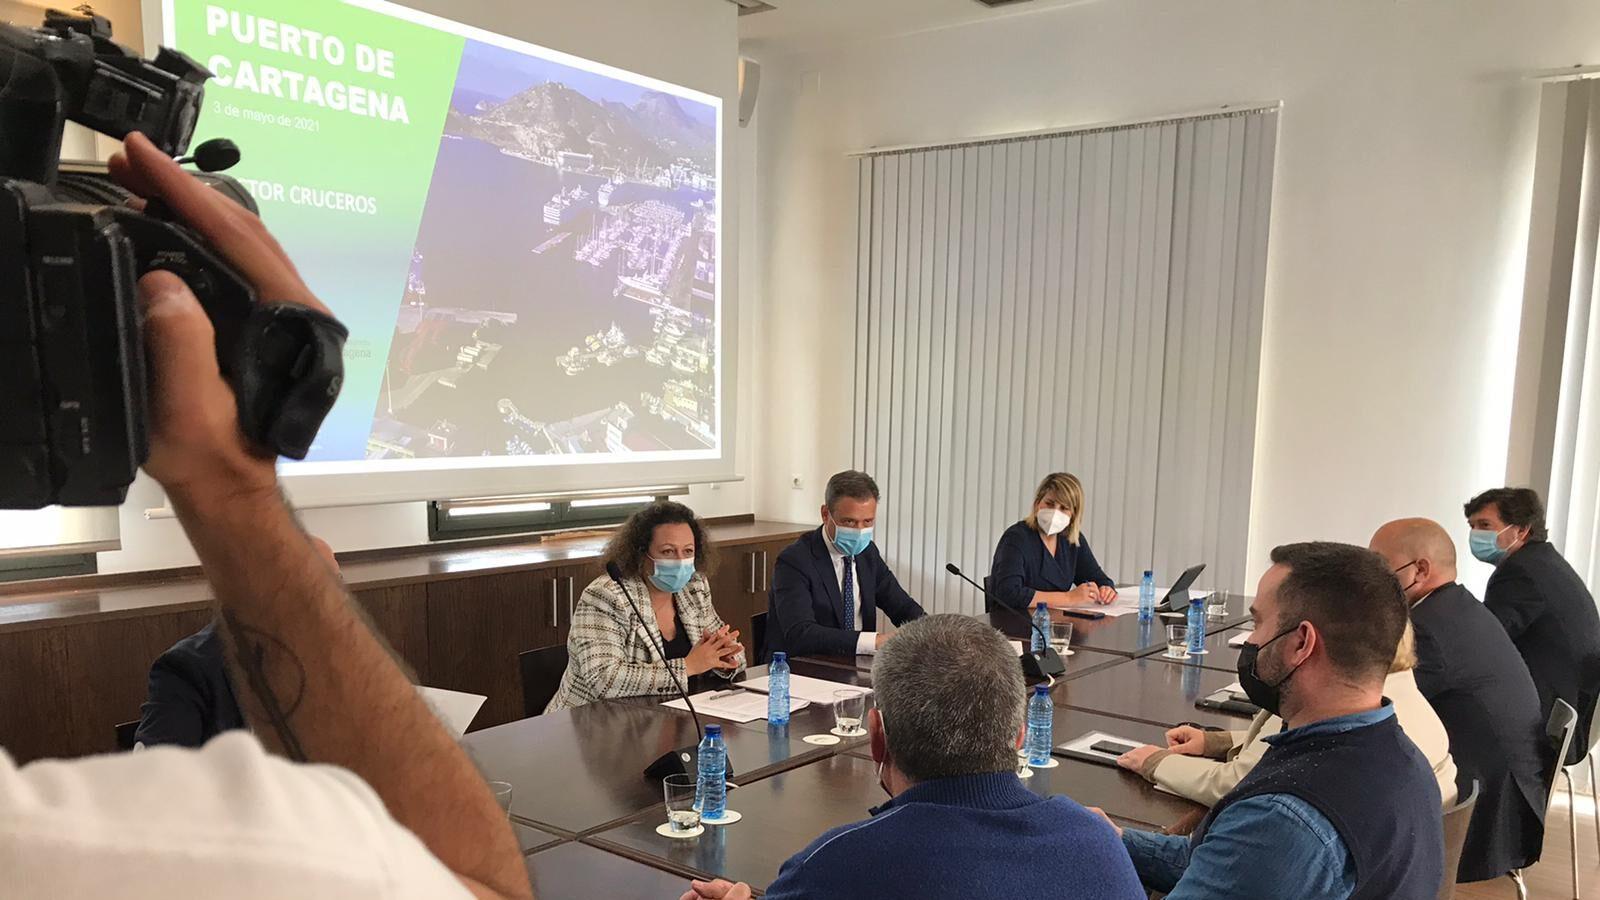 Luz verde de la Comunidad de Murcia para la reactivación de los cruceros nacionales en Cartagena